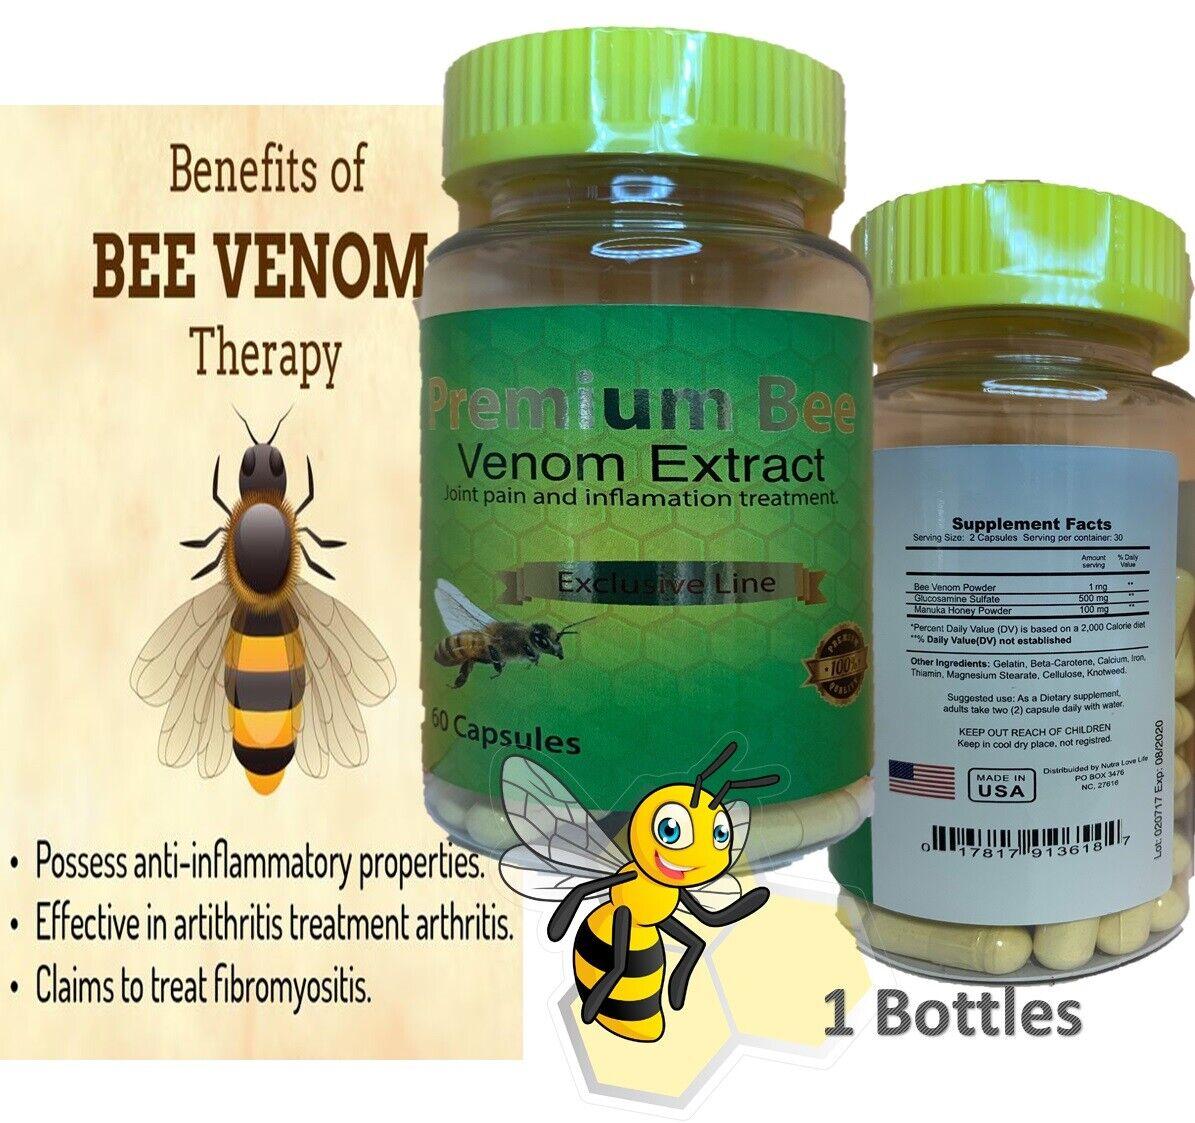 Premium 2 Bee BIOBEE inflamatory Arthritis Pain abeemed therapy Venom veneno bee 2